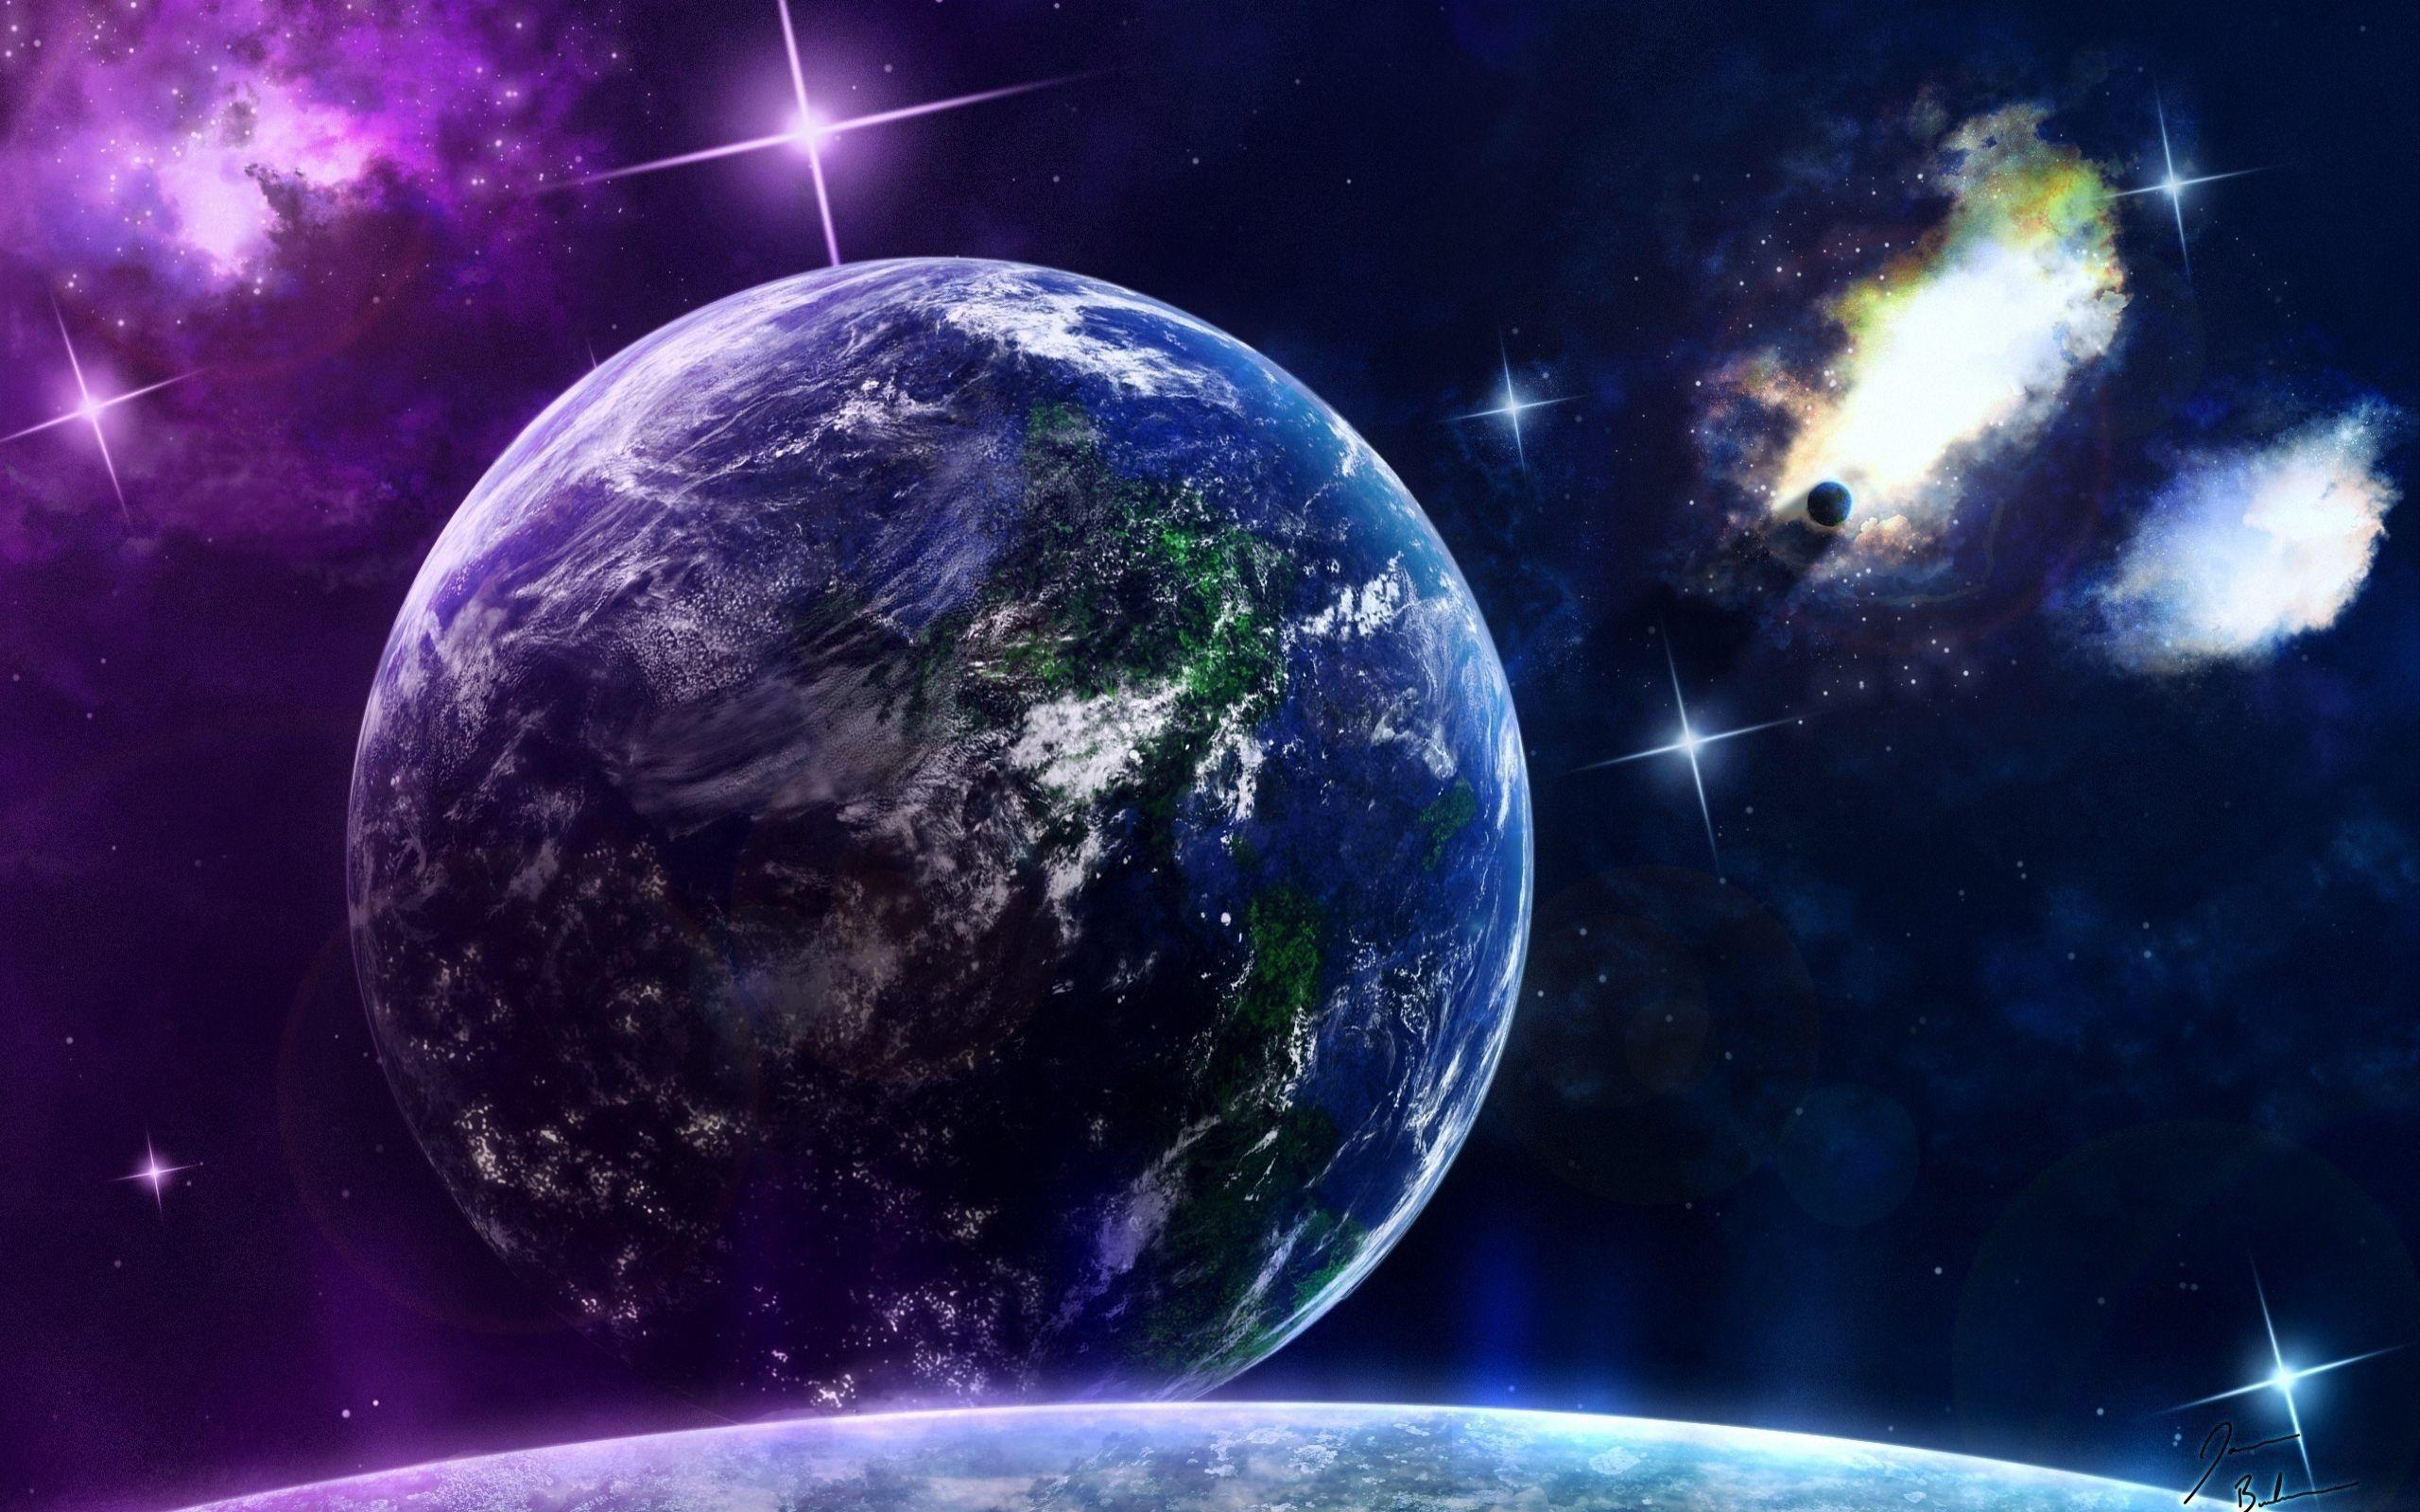 чудесный день фотографии про космос тебе